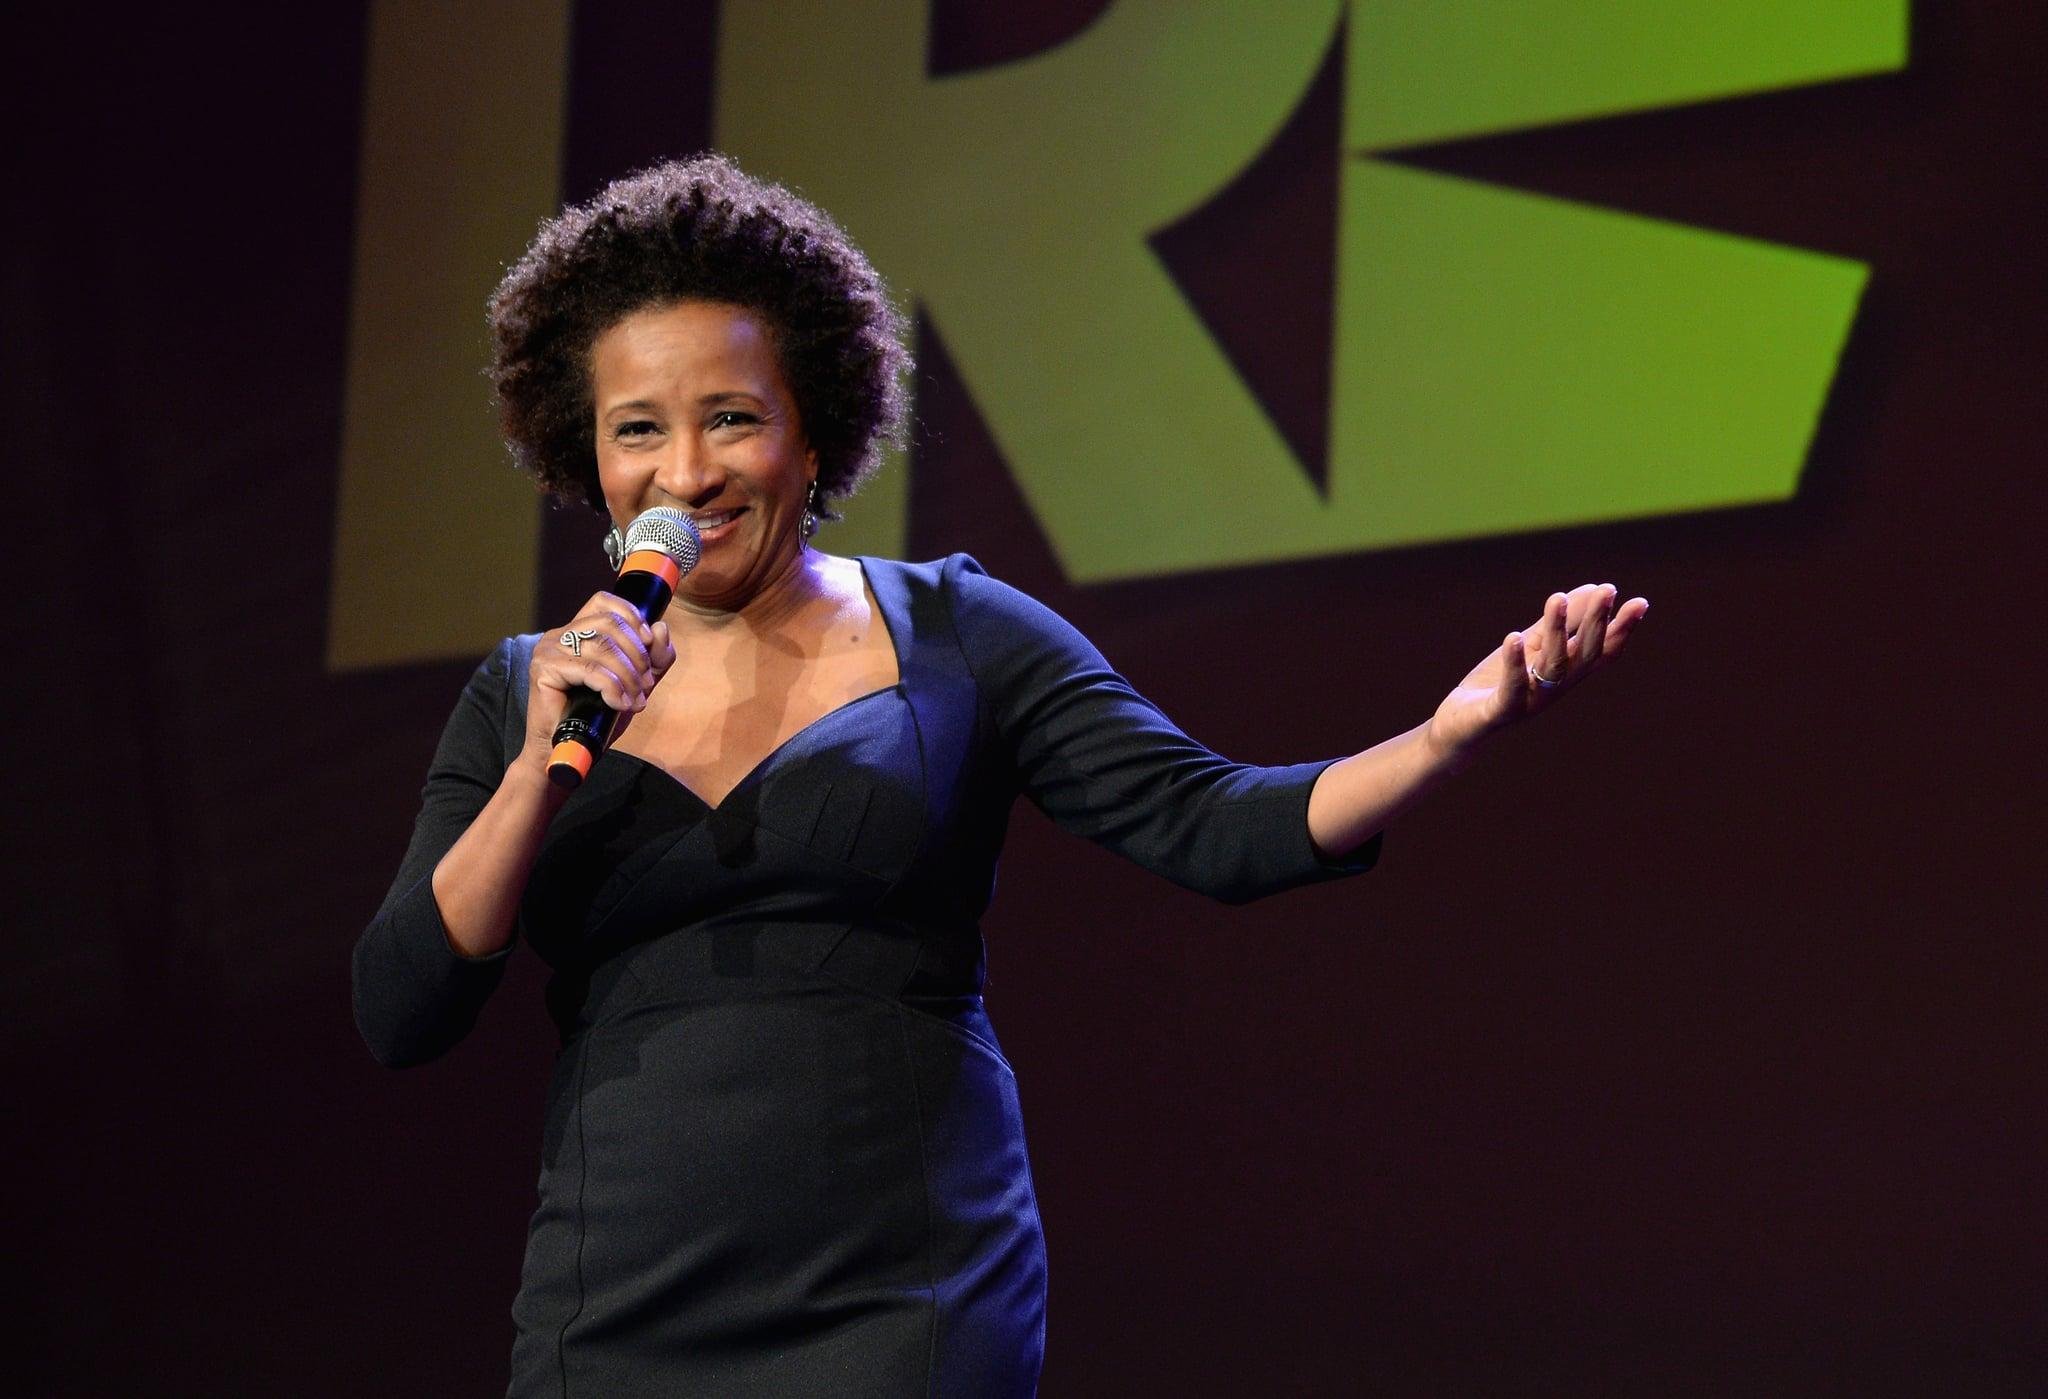 Host Wanda Sykes cracked jokes on stage.